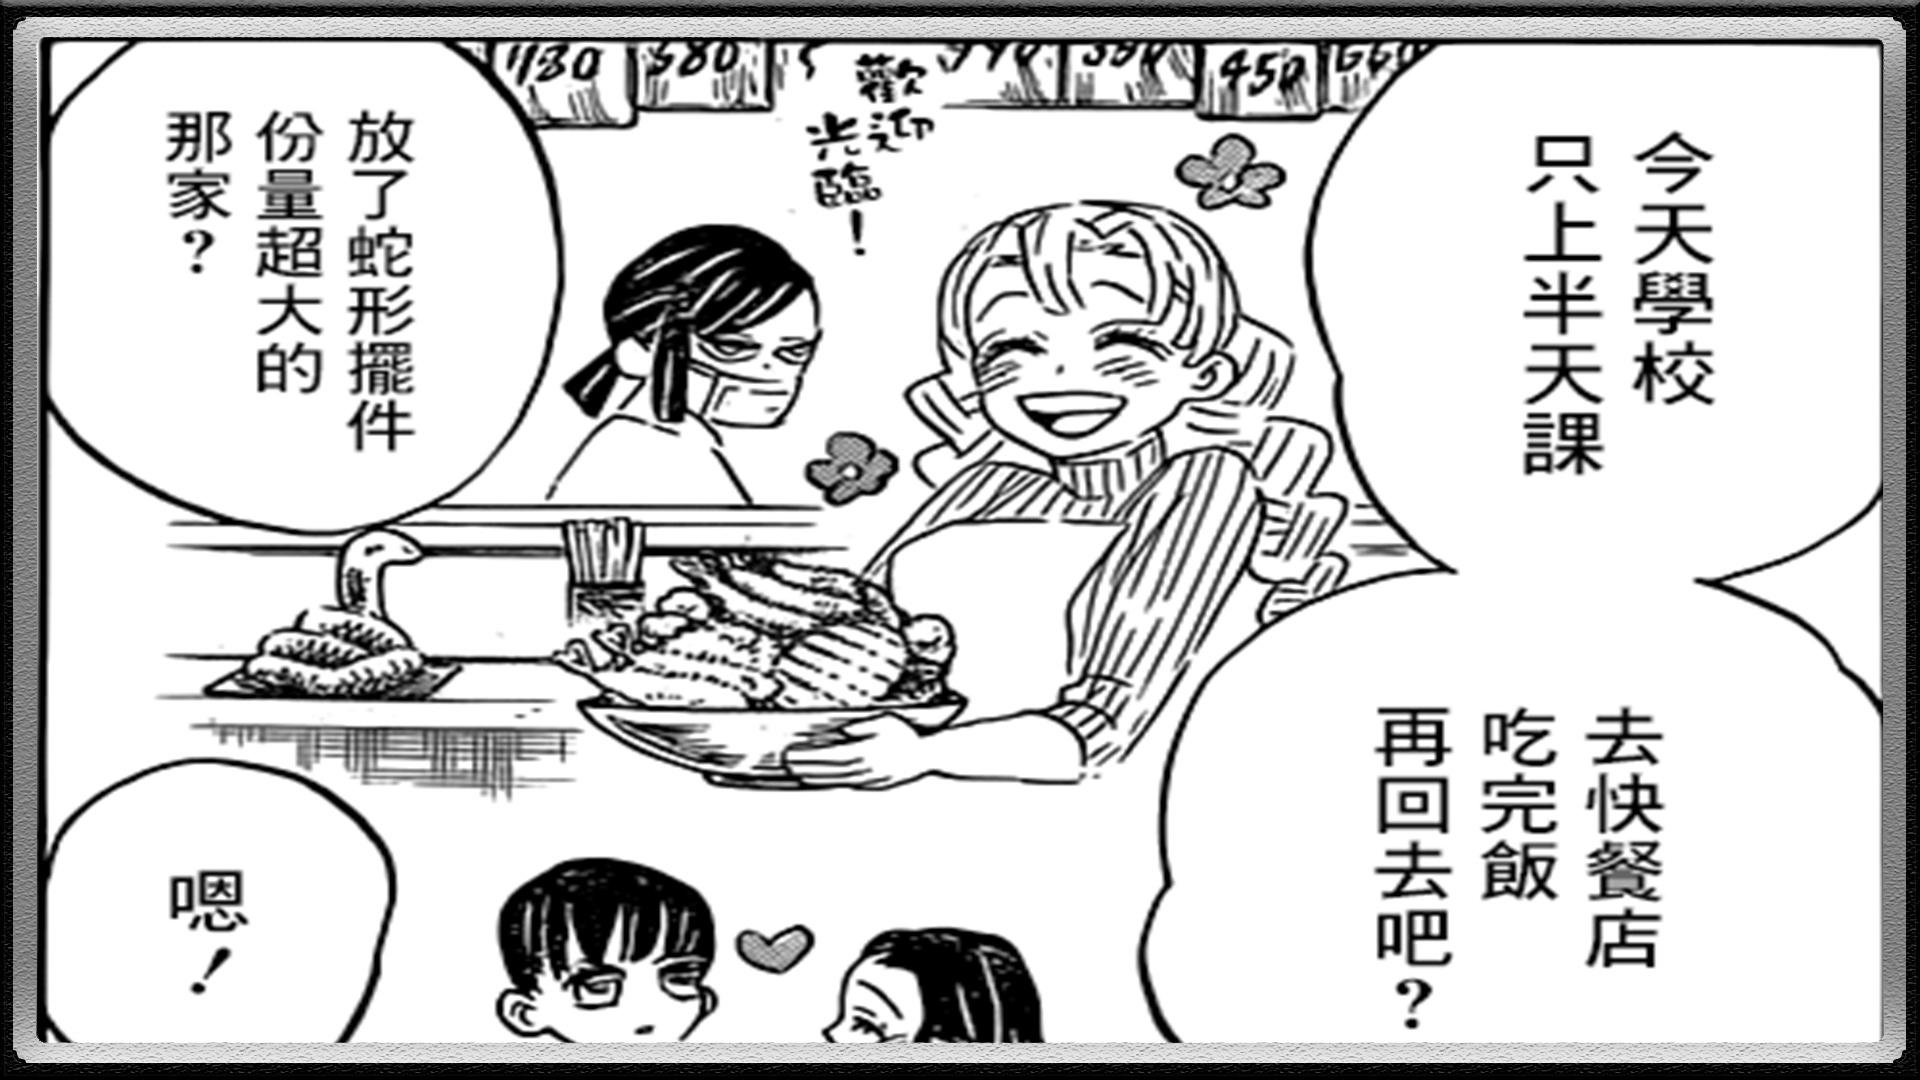 鬼灭之刃大结局 205话汉化:高呼声cp都成为了伉俪,只有他俩让人惋惜